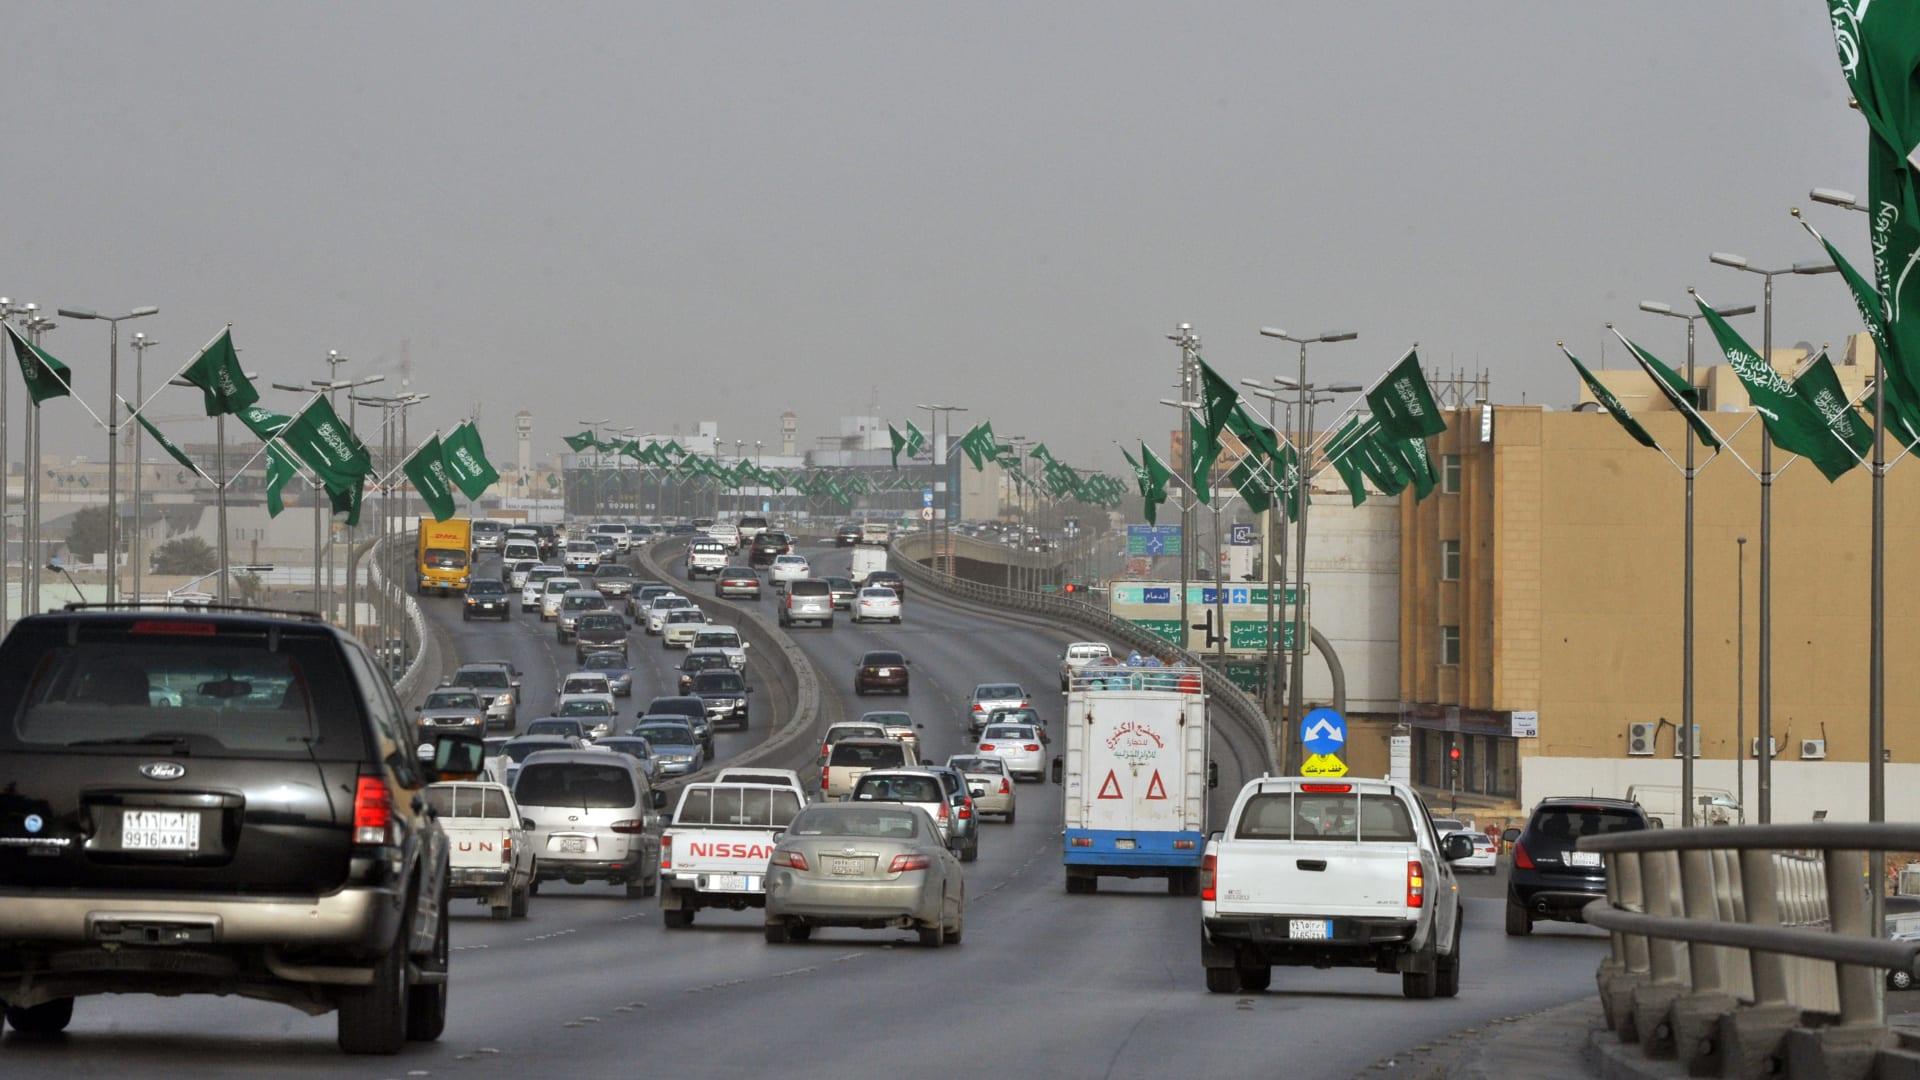 صورة أرشيفية (تعبيرية) من أحد شوارع العاصمة السعودية، الرياض 2011